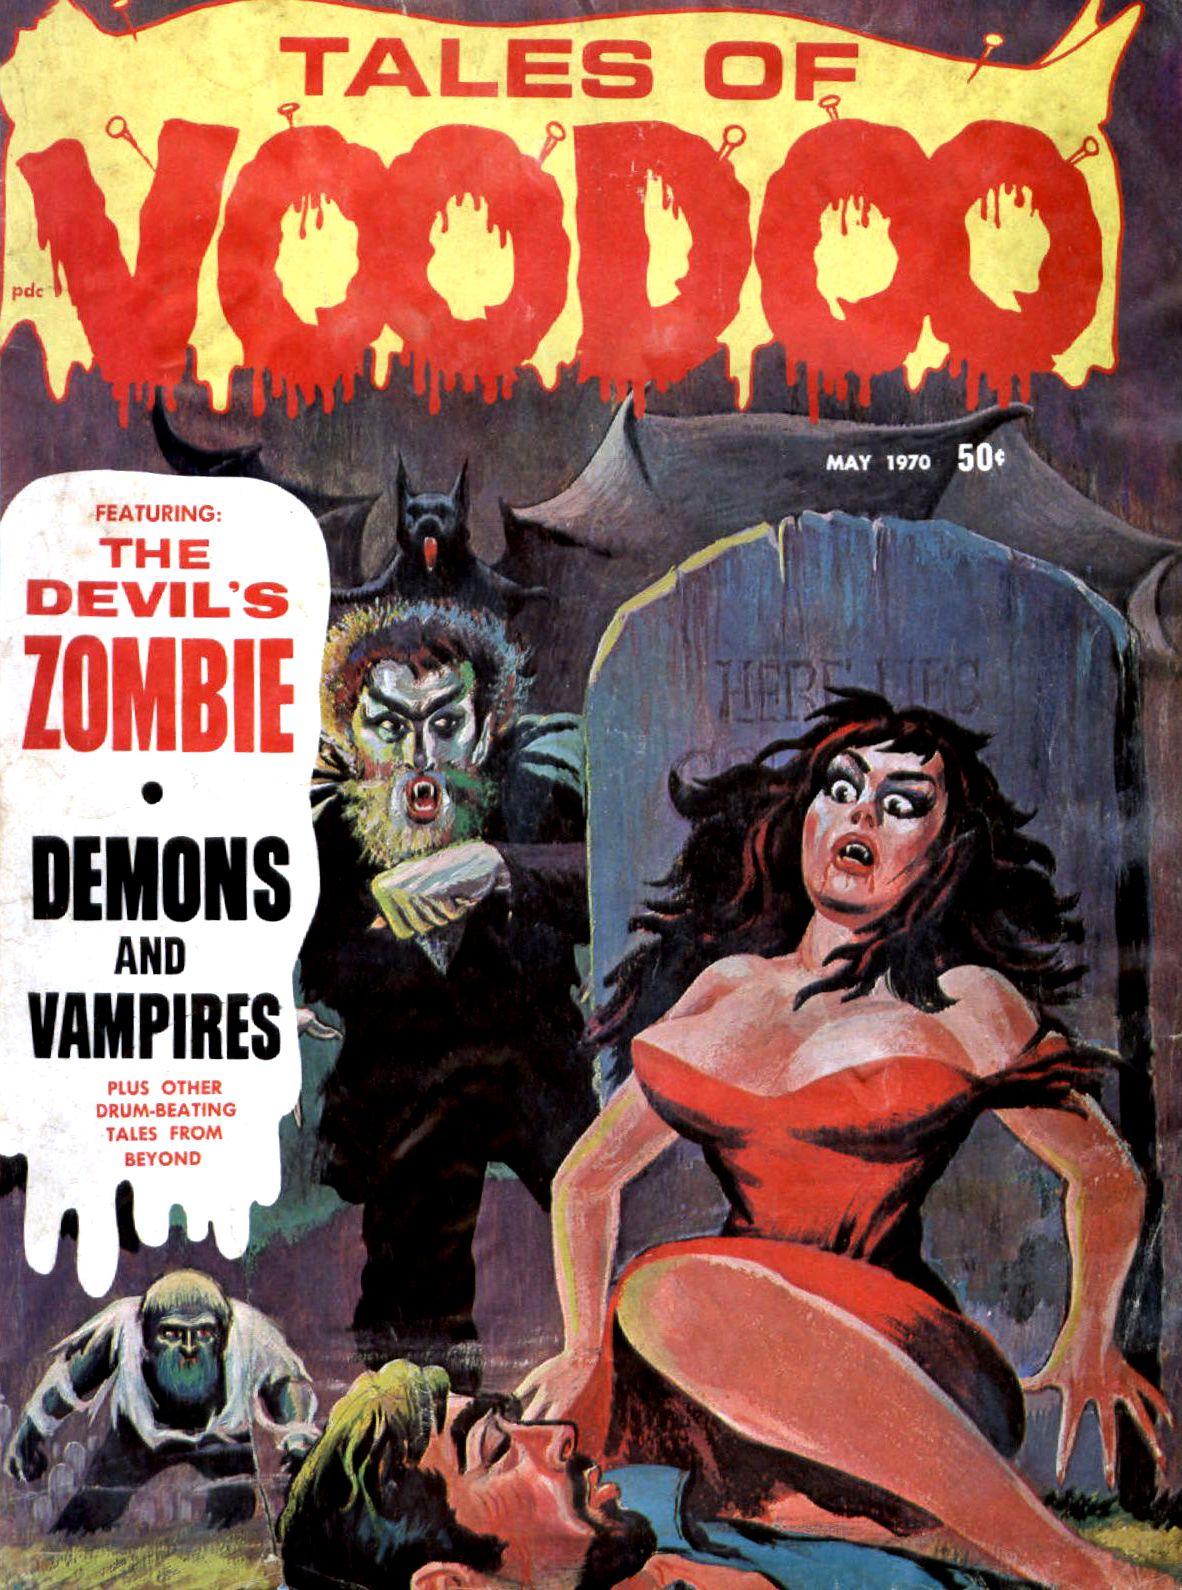 Tales of Voodoo Vol. 3 #3 (Eerie Publications 1970)